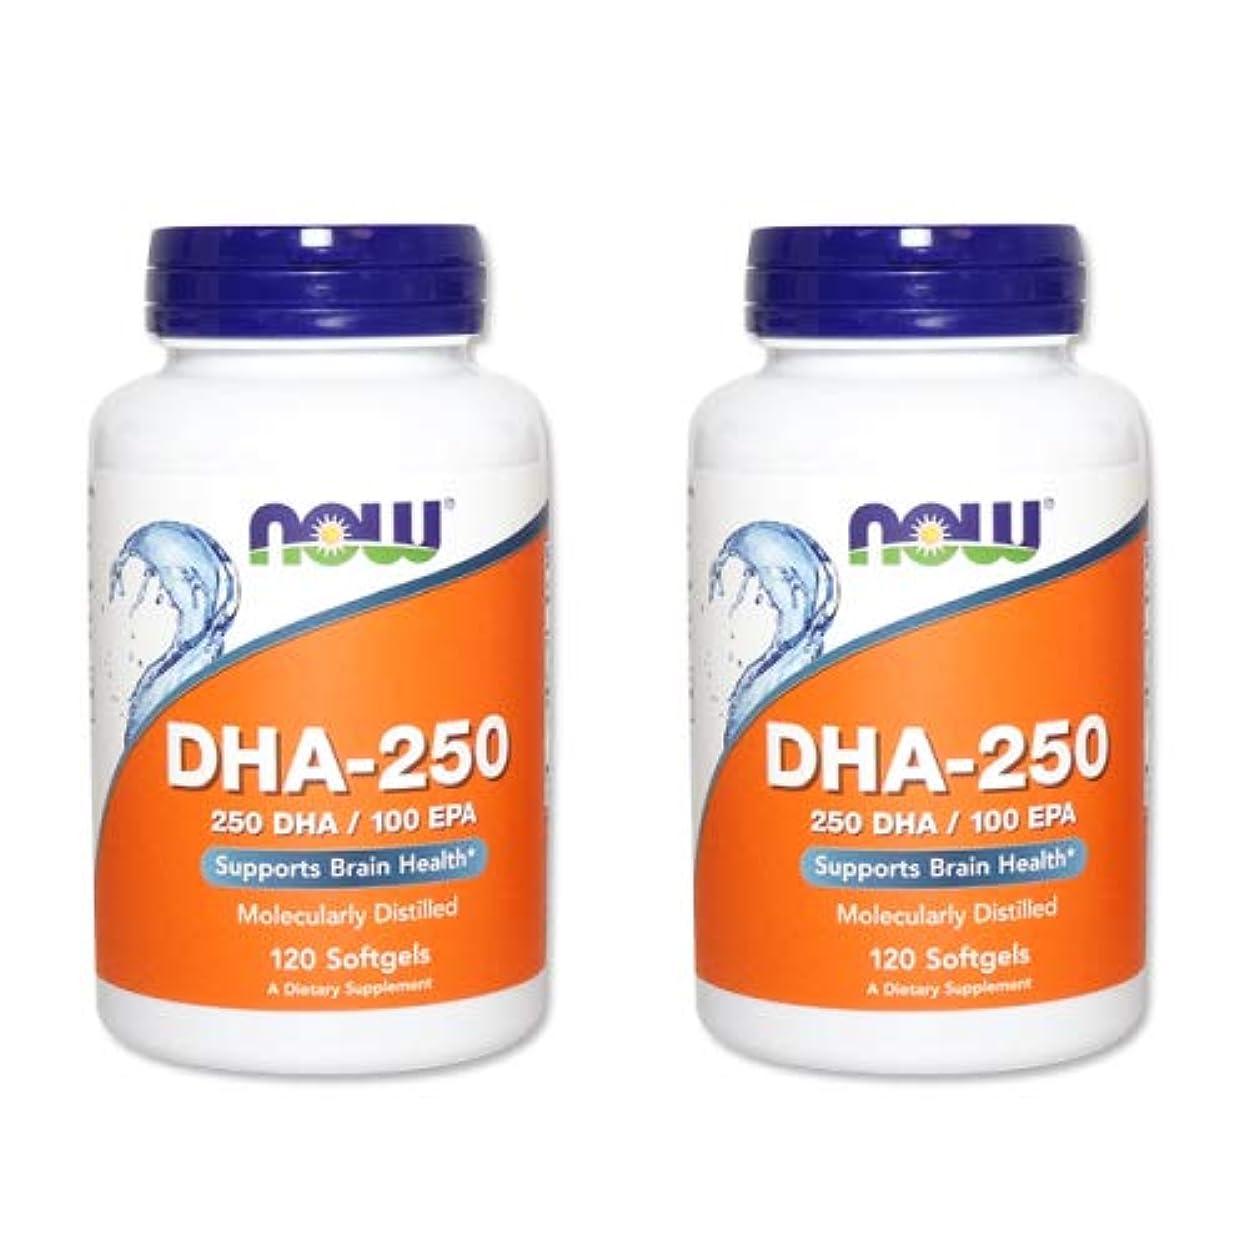 【2個セット】【粒小さめ低含有タイプ】DHA-250 120粒(DHA&EPA配合) [海外直送品]